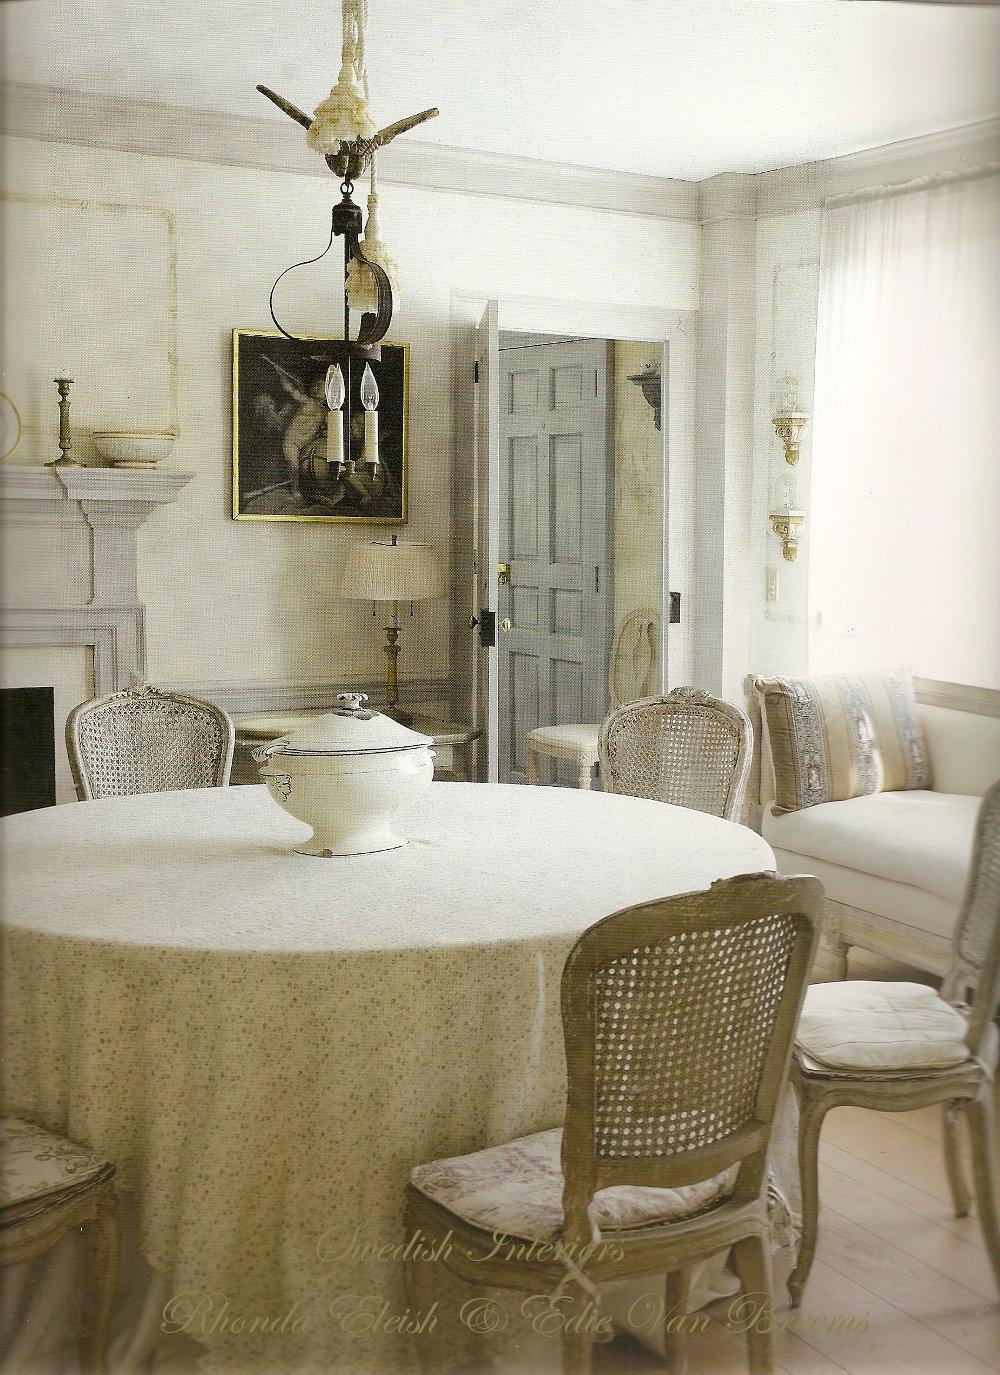 Book Review: Swedish Interiors By Rhonda Eleish & Edie Van ...